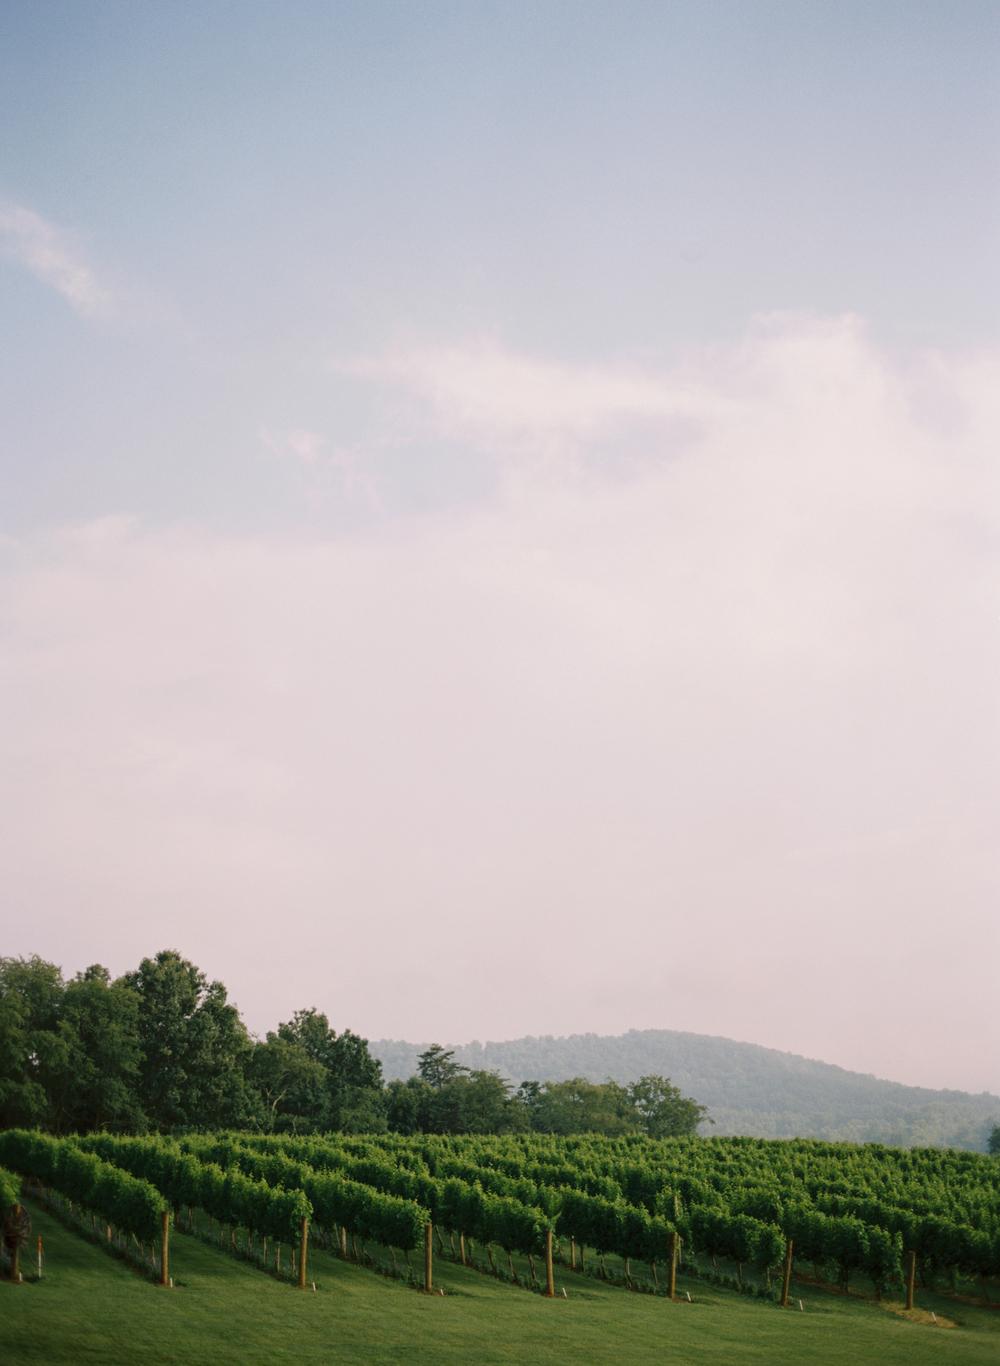 charlottesville-virginia-vineyard-elisa-bricker